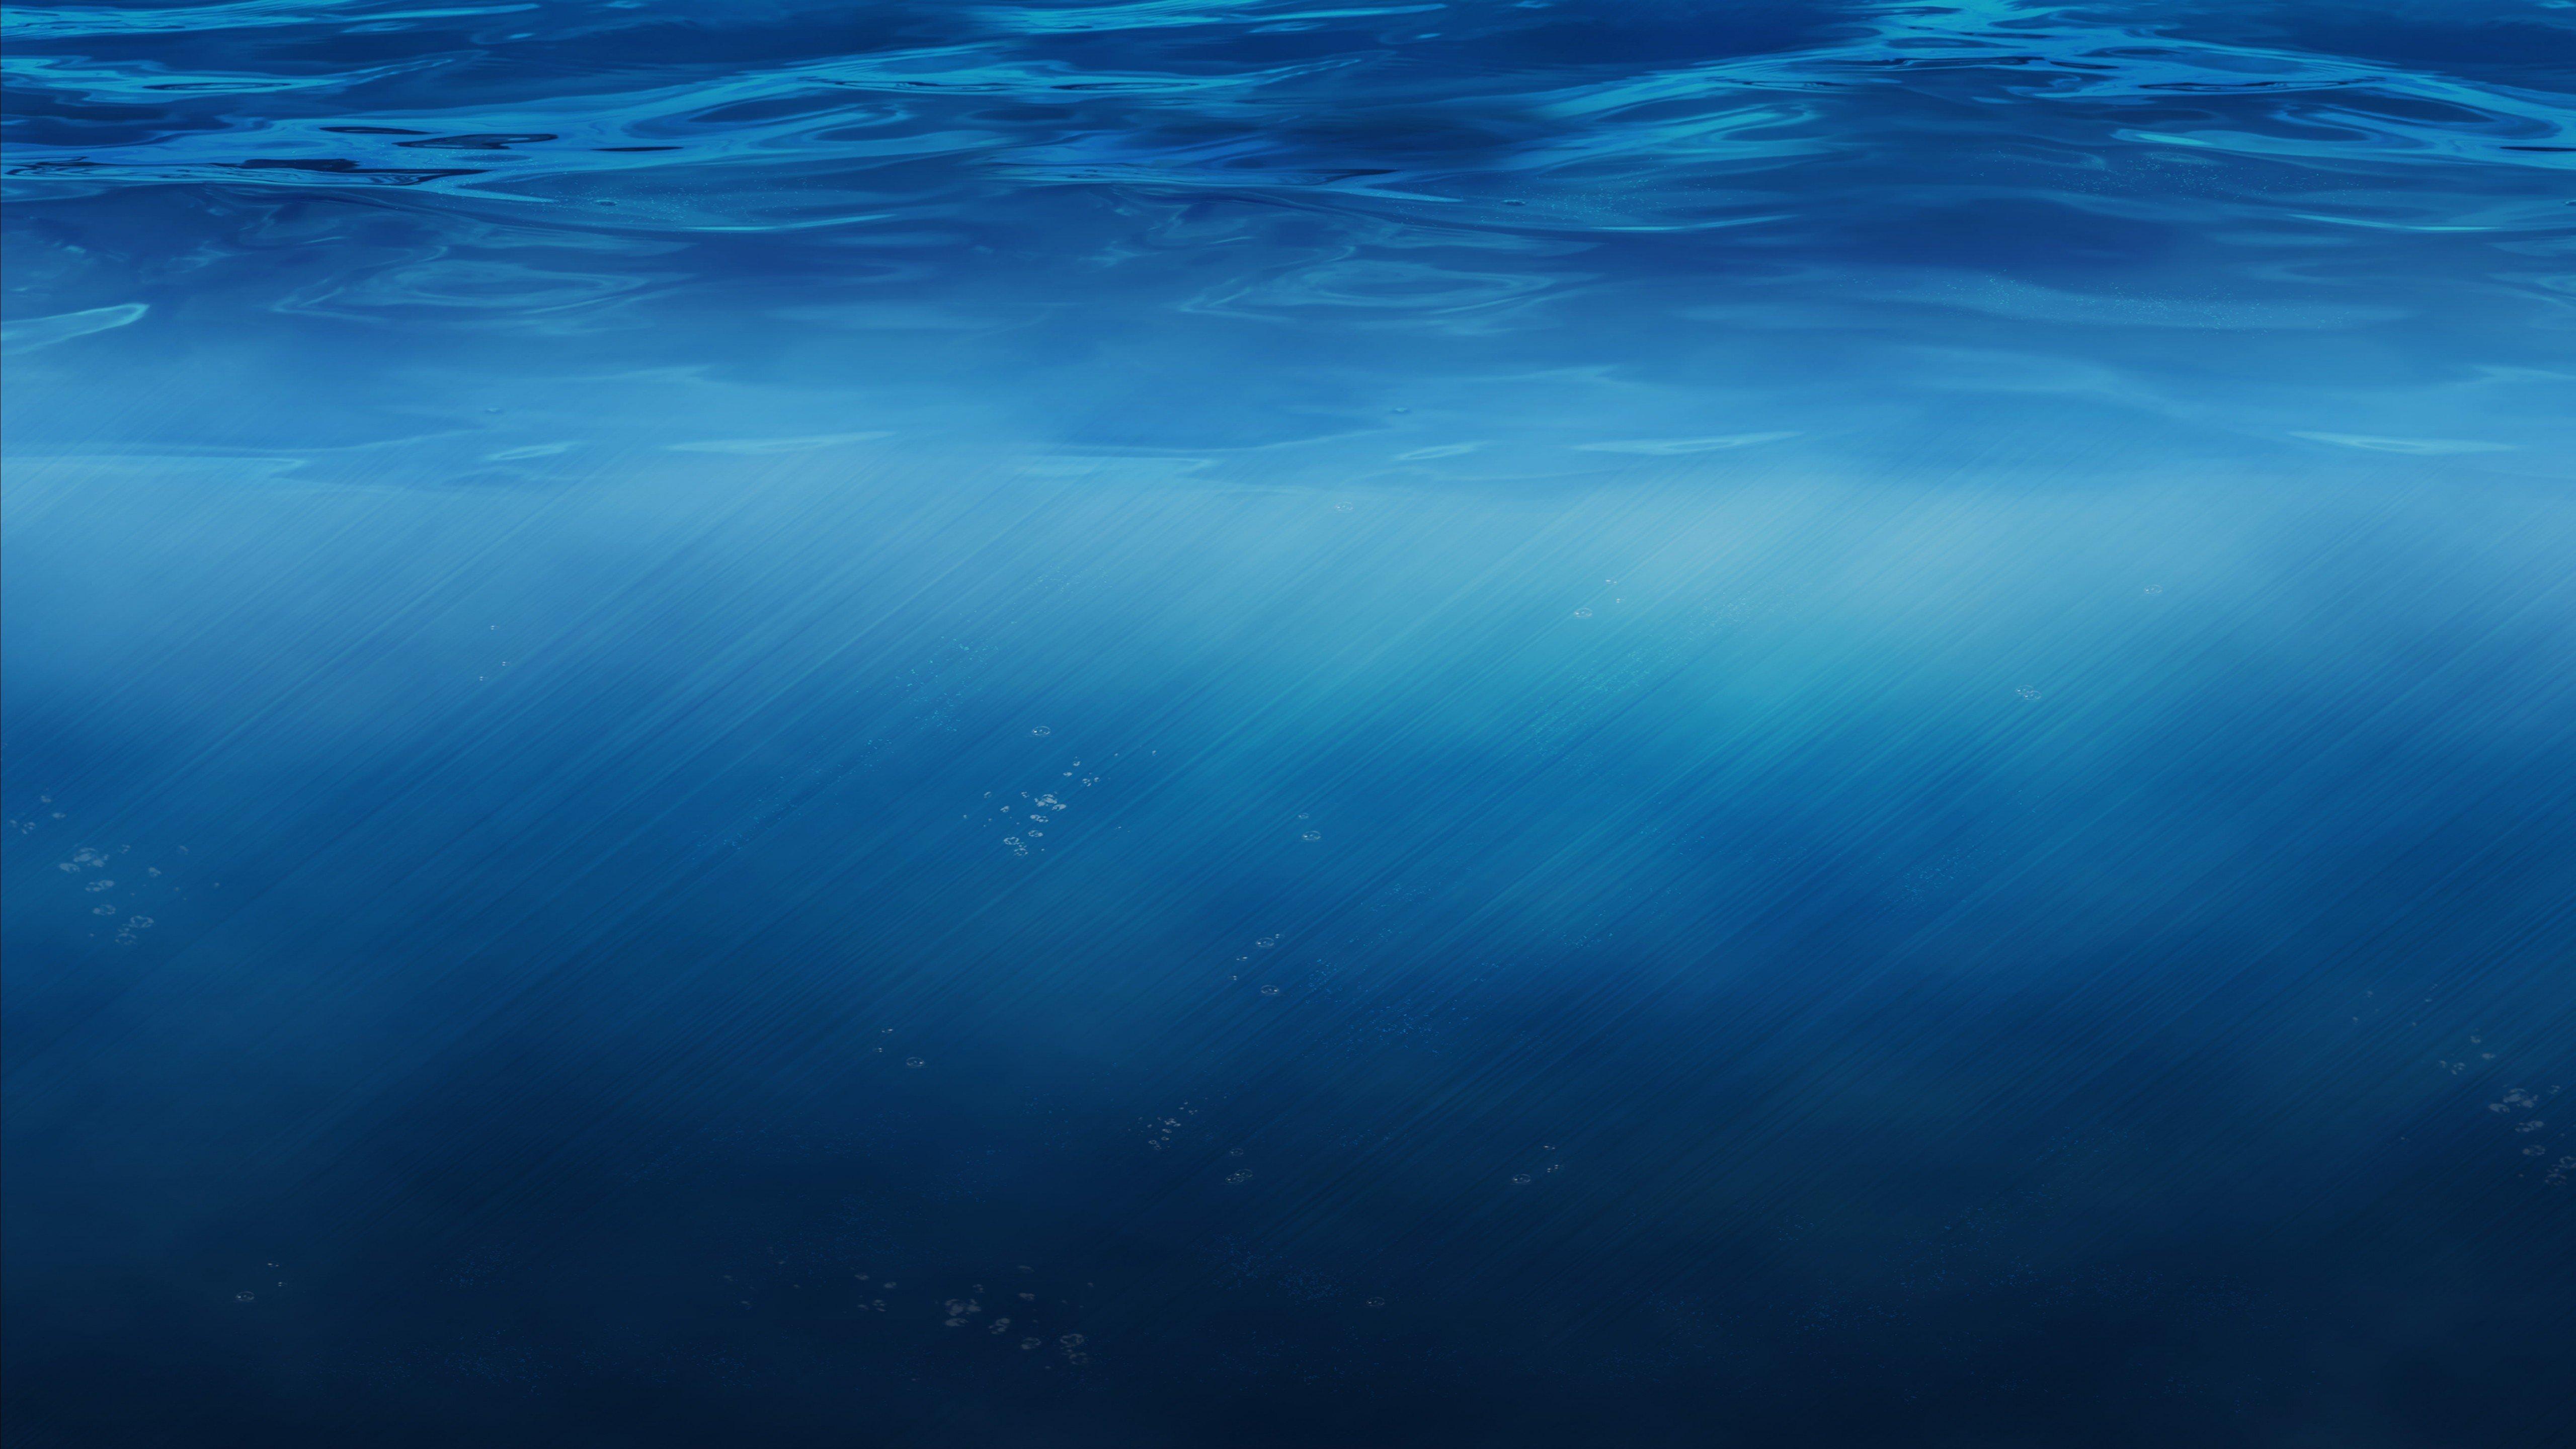 Fondos de pantalla Bajo el agua